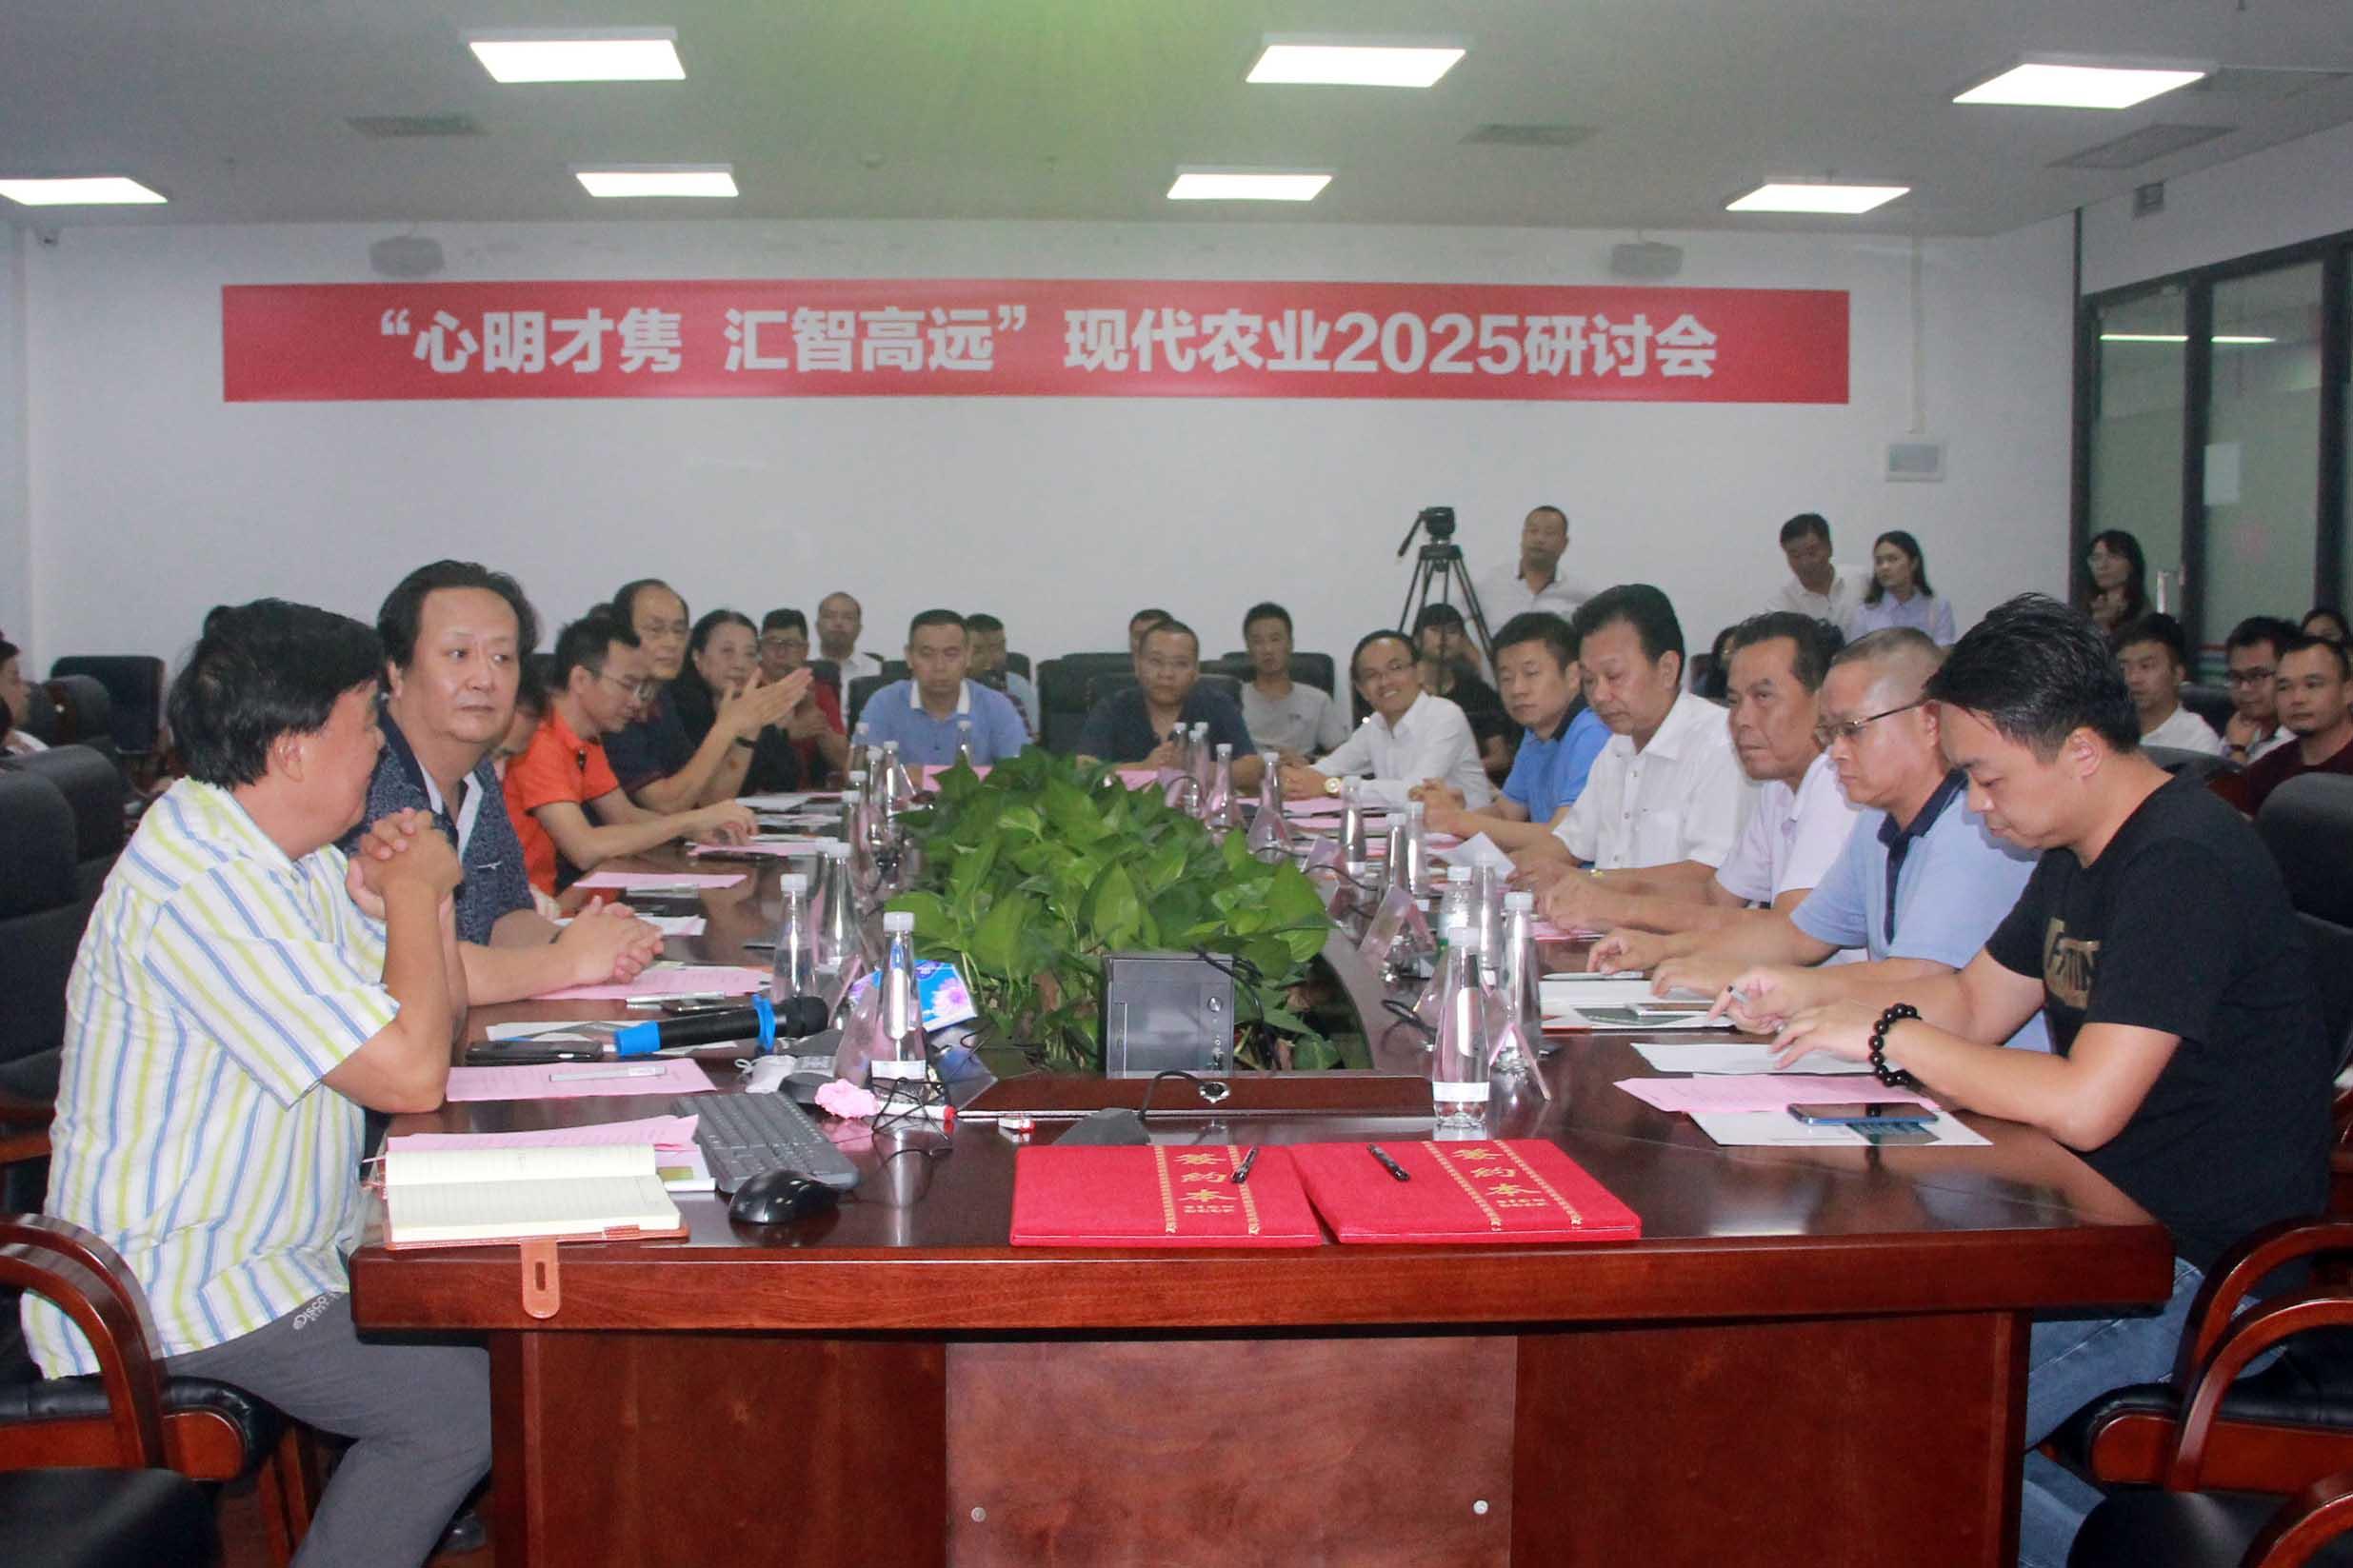 本地农签约深圳大学都市研究所 承办现代农业2025研讨会